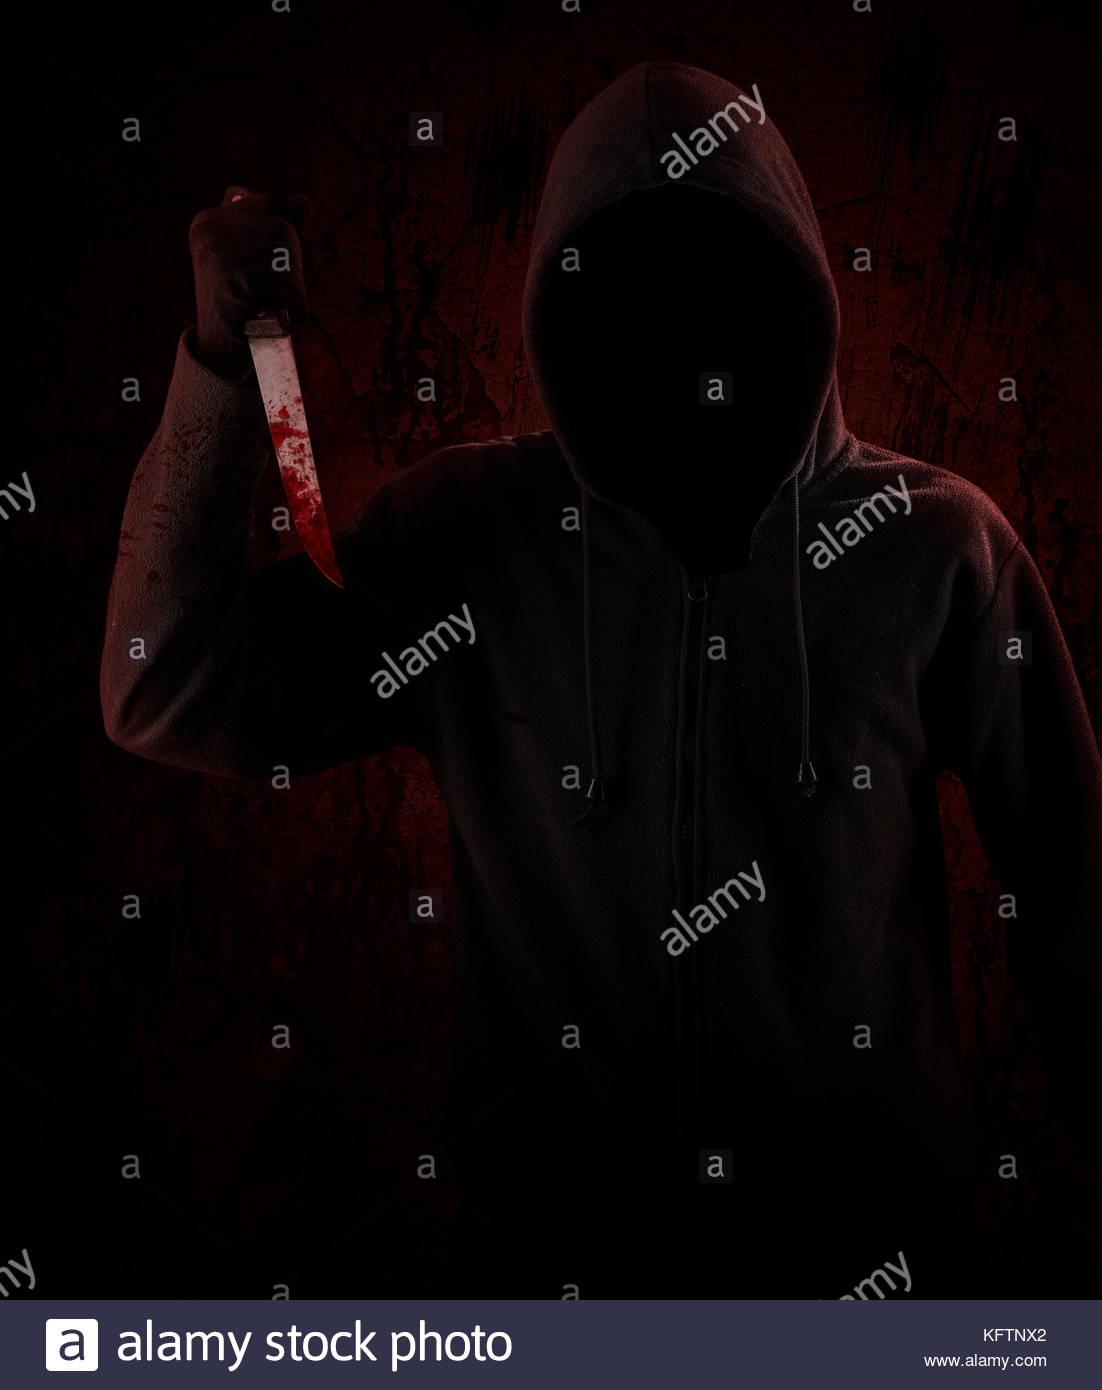 Killer Murder Stock Photos & Killer Murder Stock Images ...